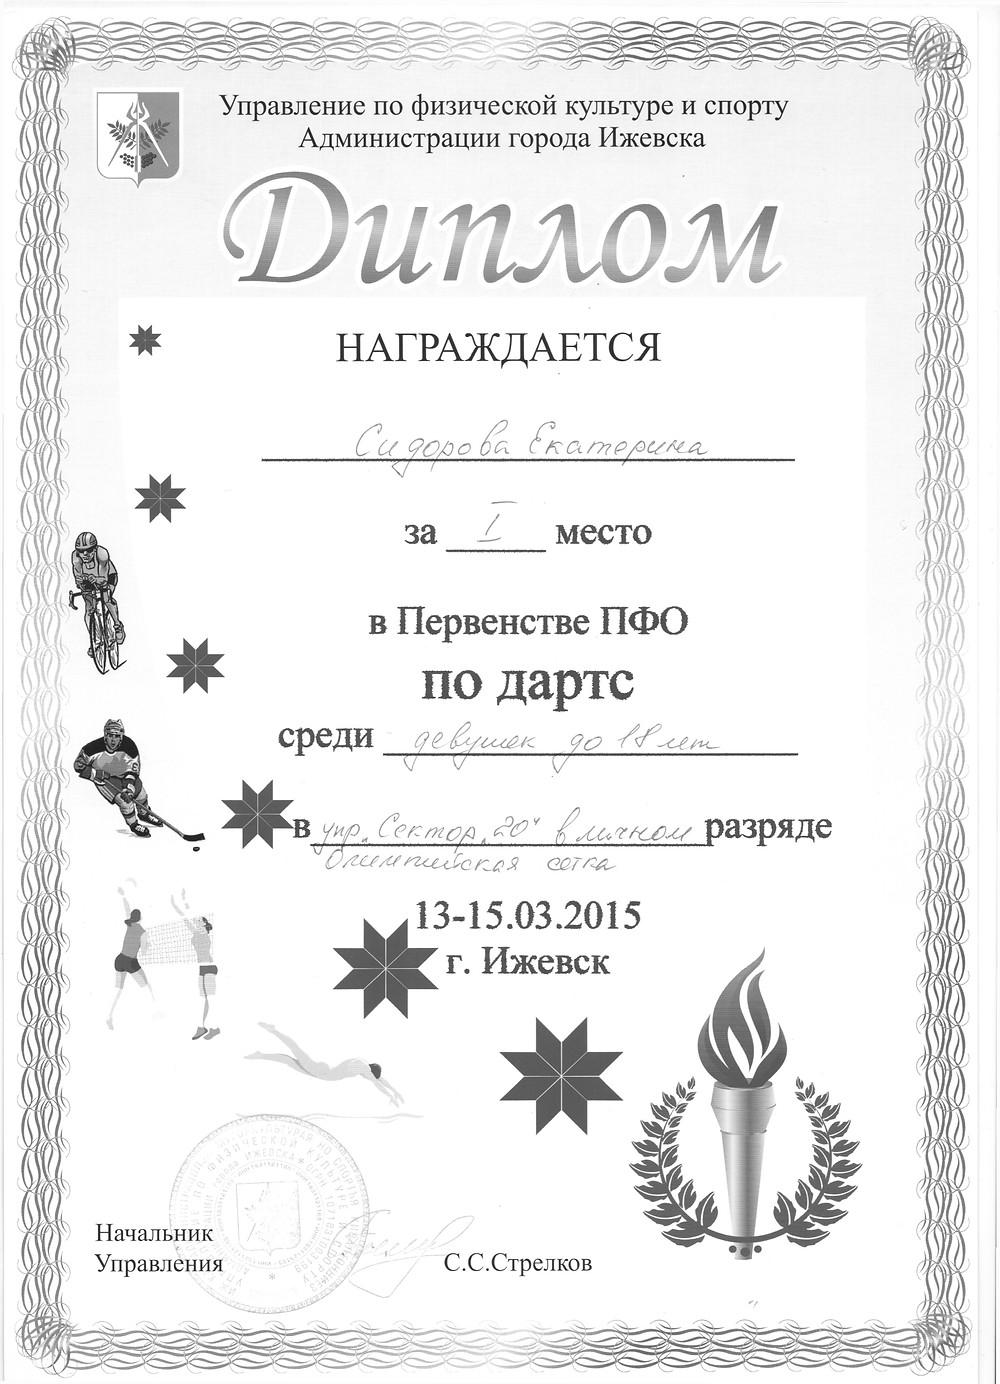 Сидорова Екатерина 1 л.jpg